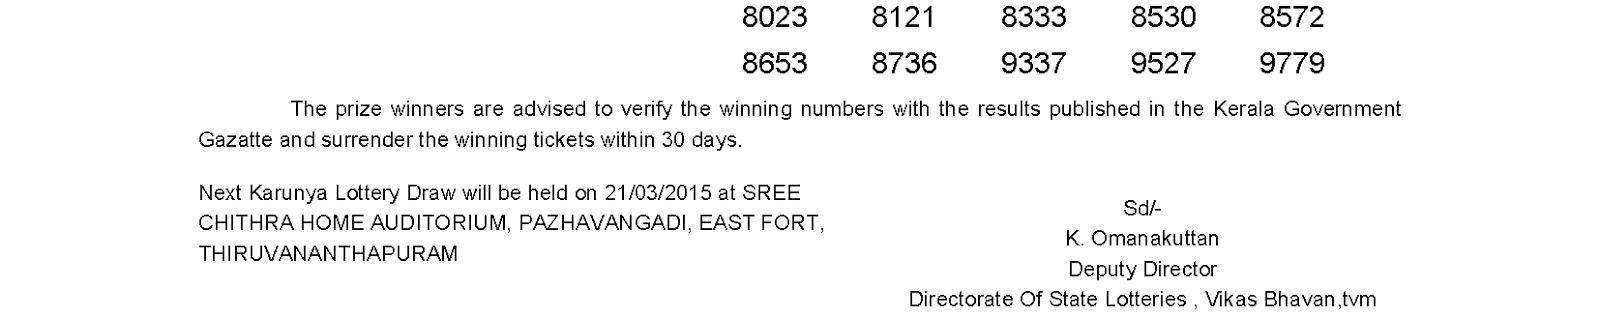 KARUNYA Lottery KR 181 Result 14-3-2015